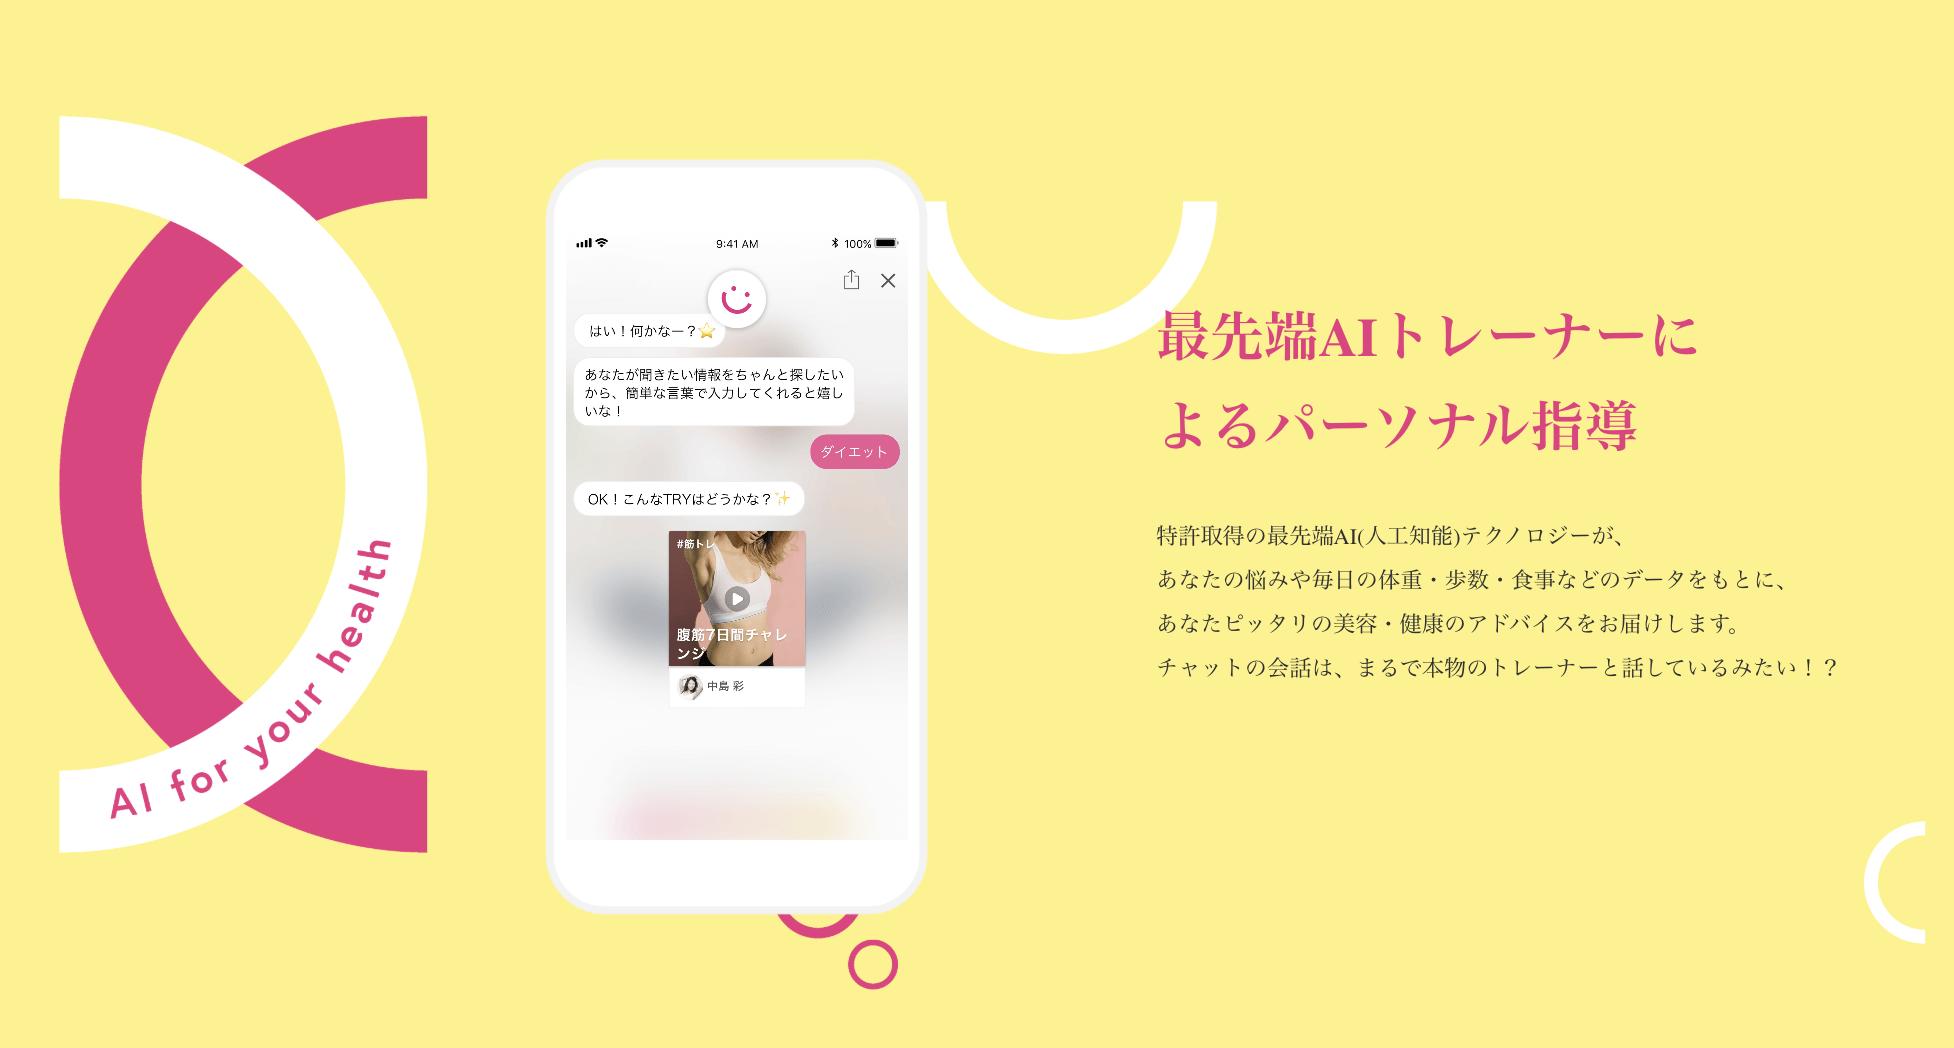 おすすめ ダイエット アプリ